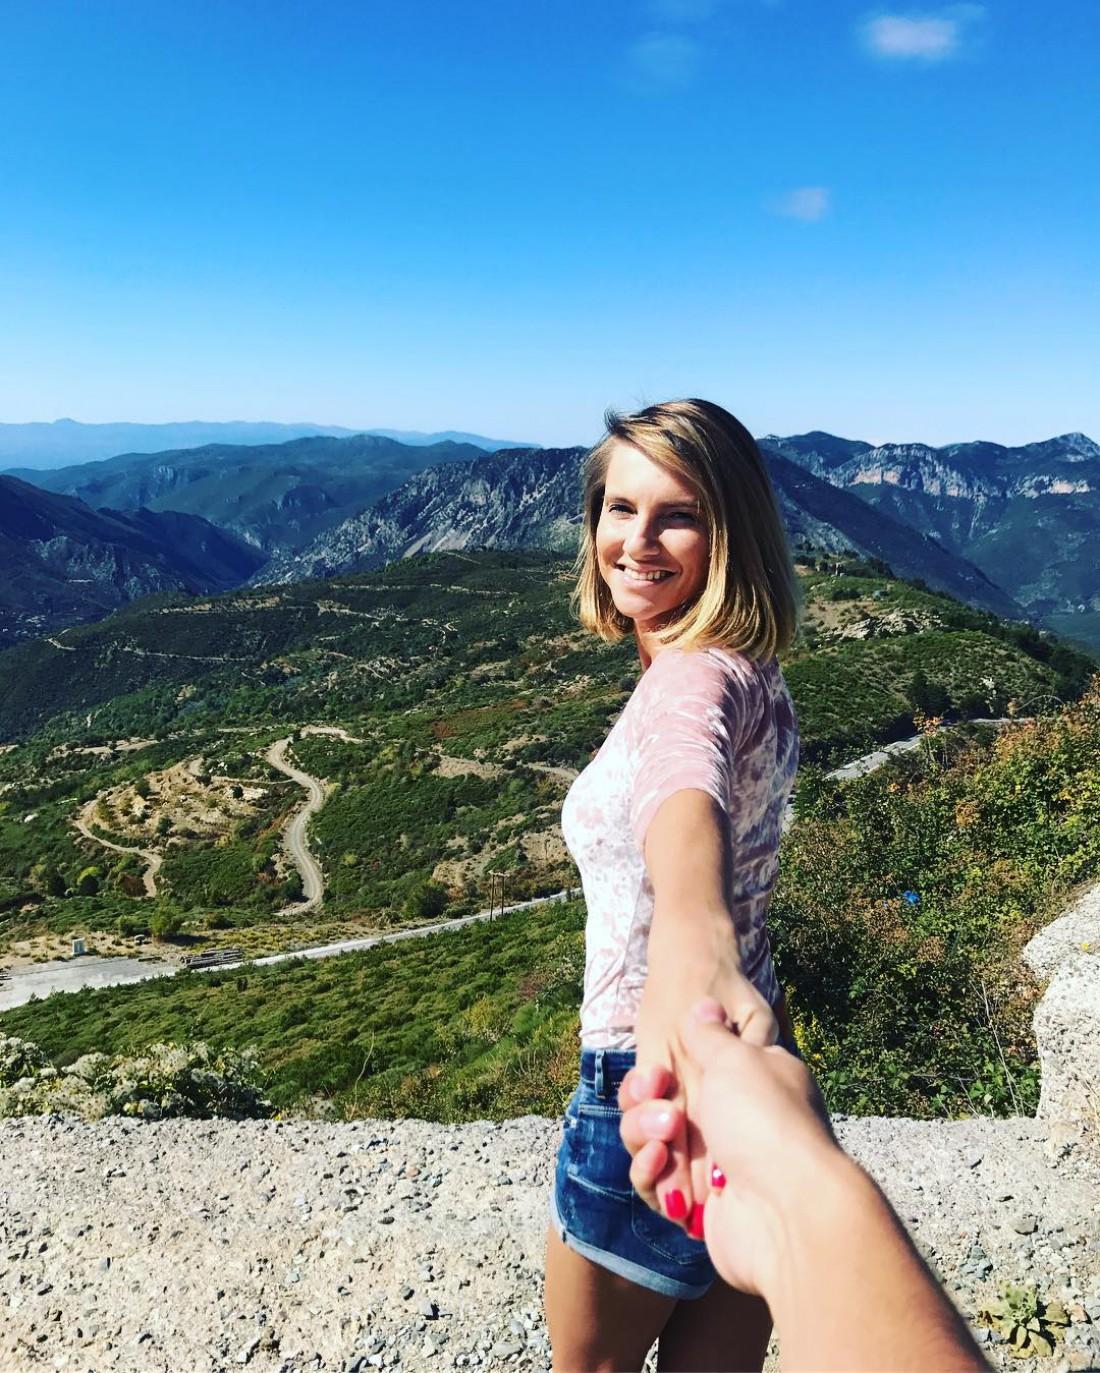 Александр Скичко и Елизавета Юрушева провели медовый месяц в Греции